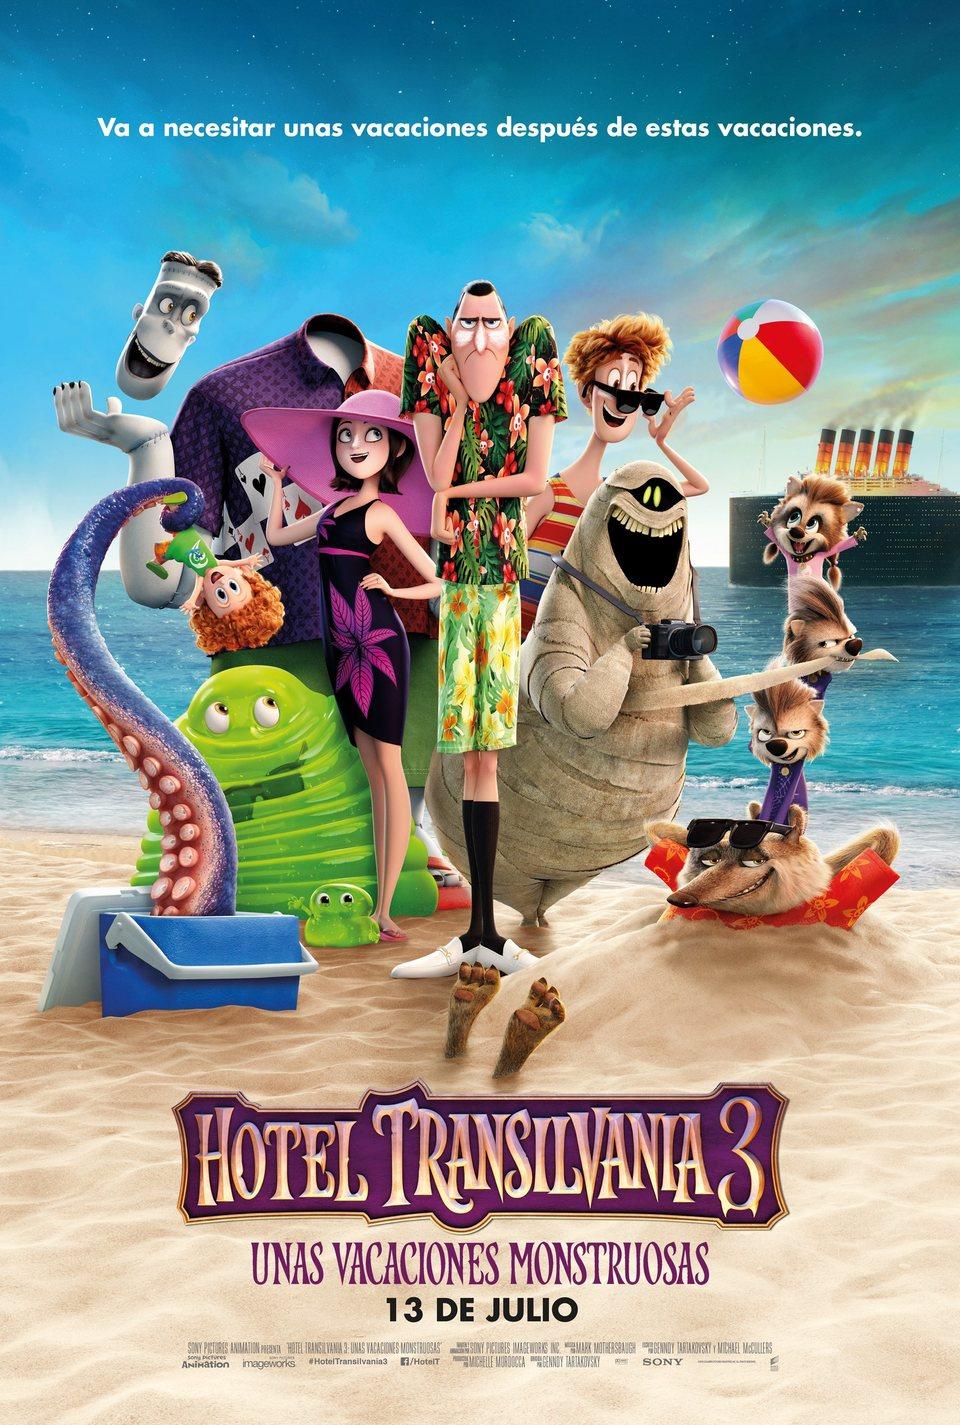 HOTEL TRANSILVANIA 3: UNAS VACACIONES MONSTRUOSAS Sala de Cine del EJE